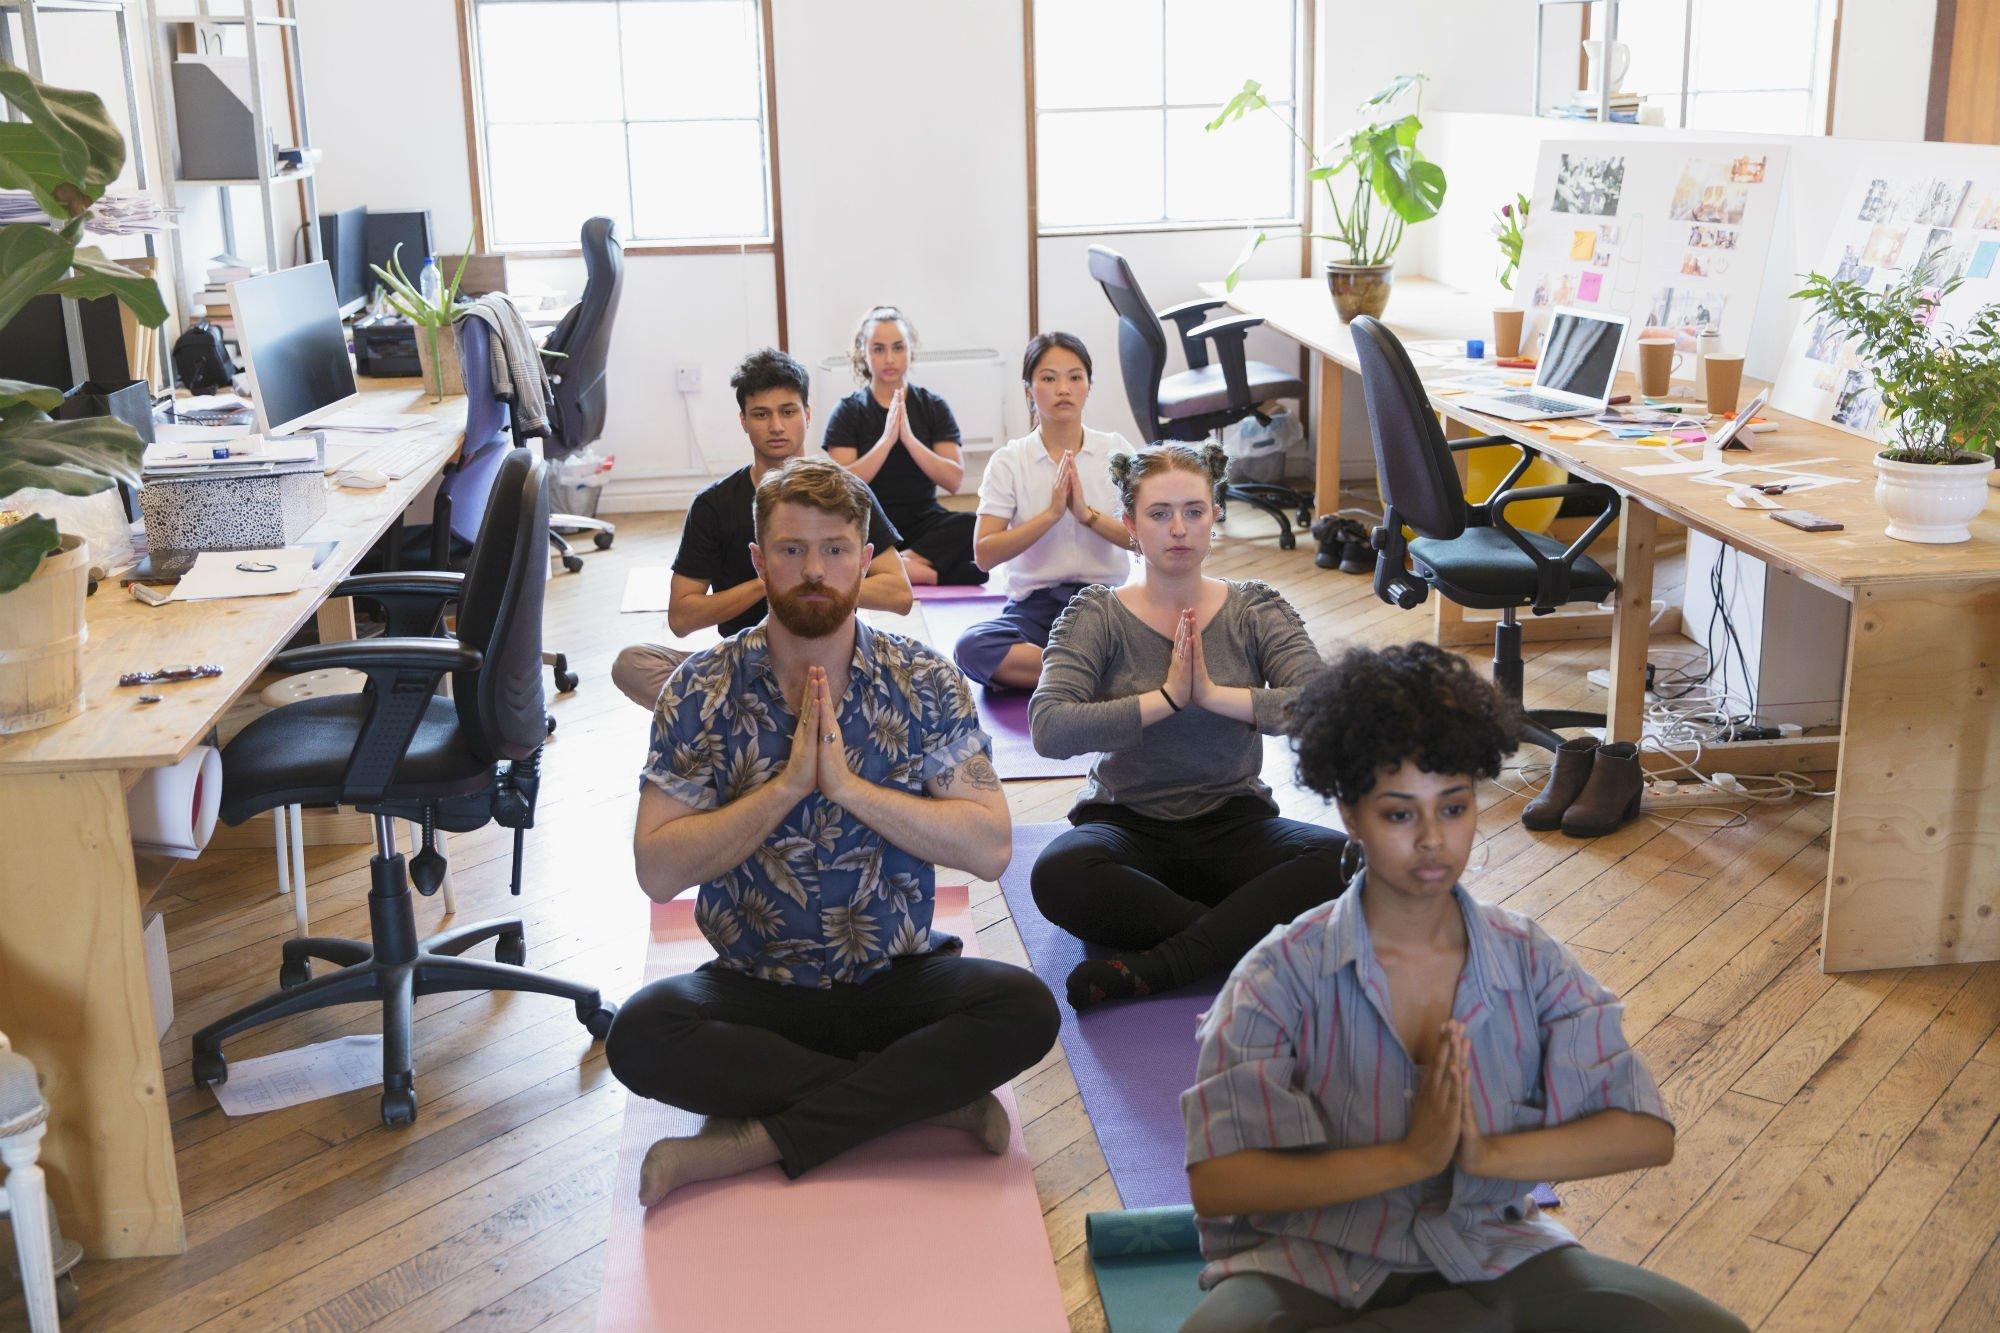 Por que a prática da atenção plena é o princípio de uma liderança consciente